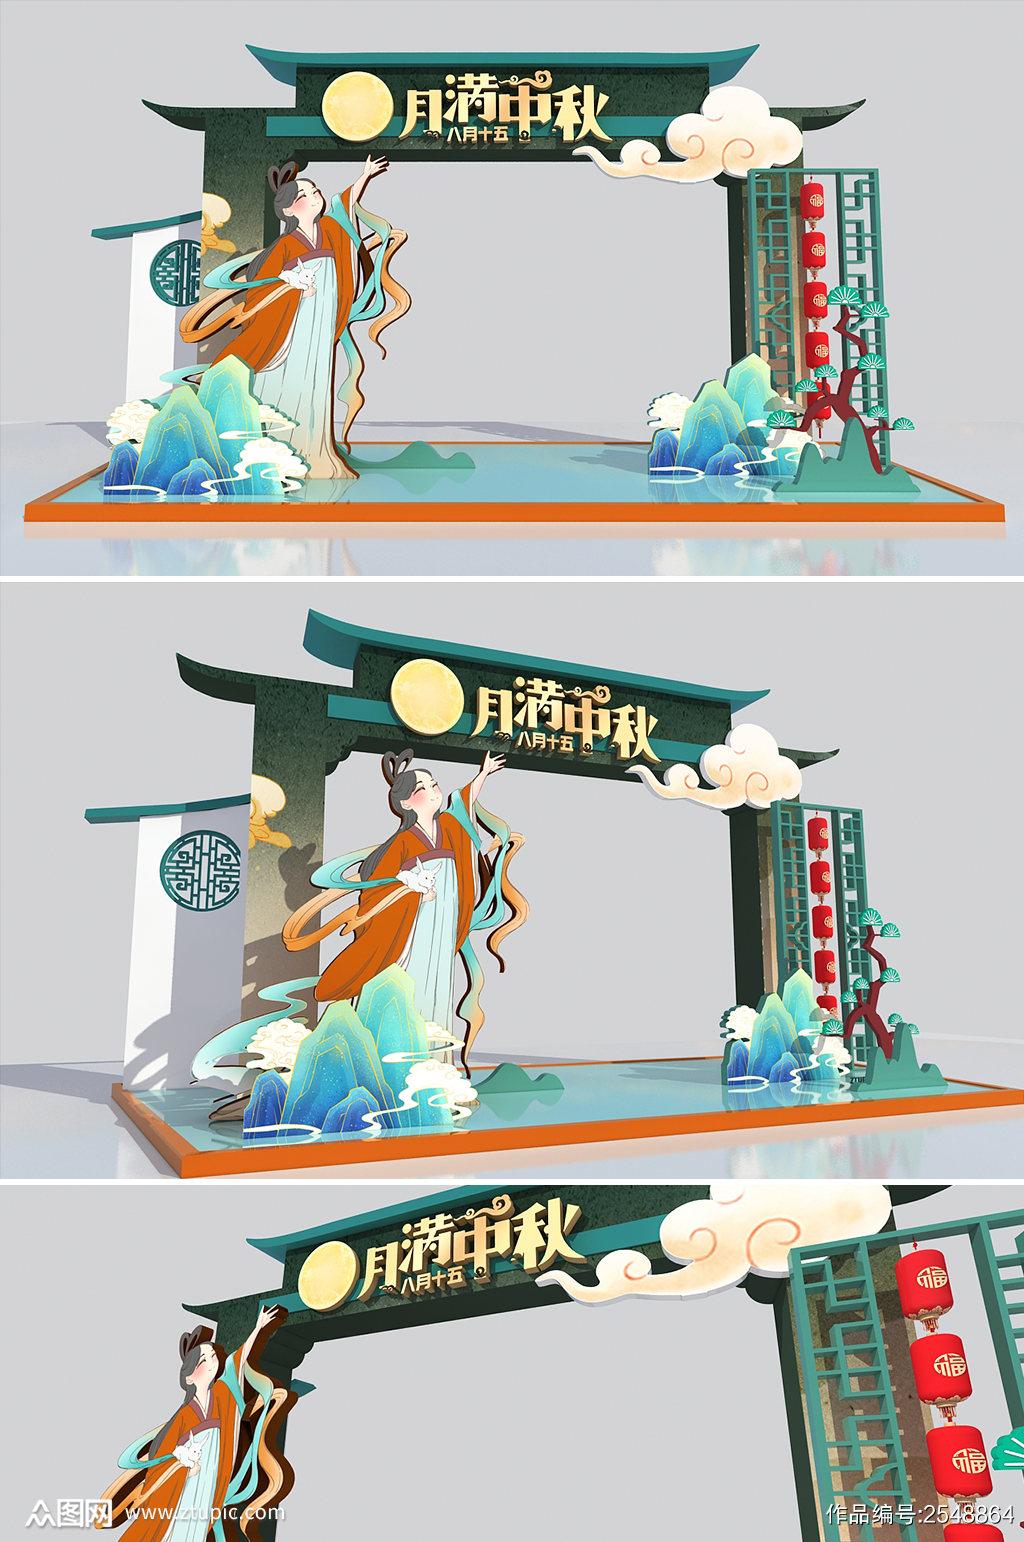 中秋节美陈月圆中秋门头设计中国风美陈 中秋节拱门素材